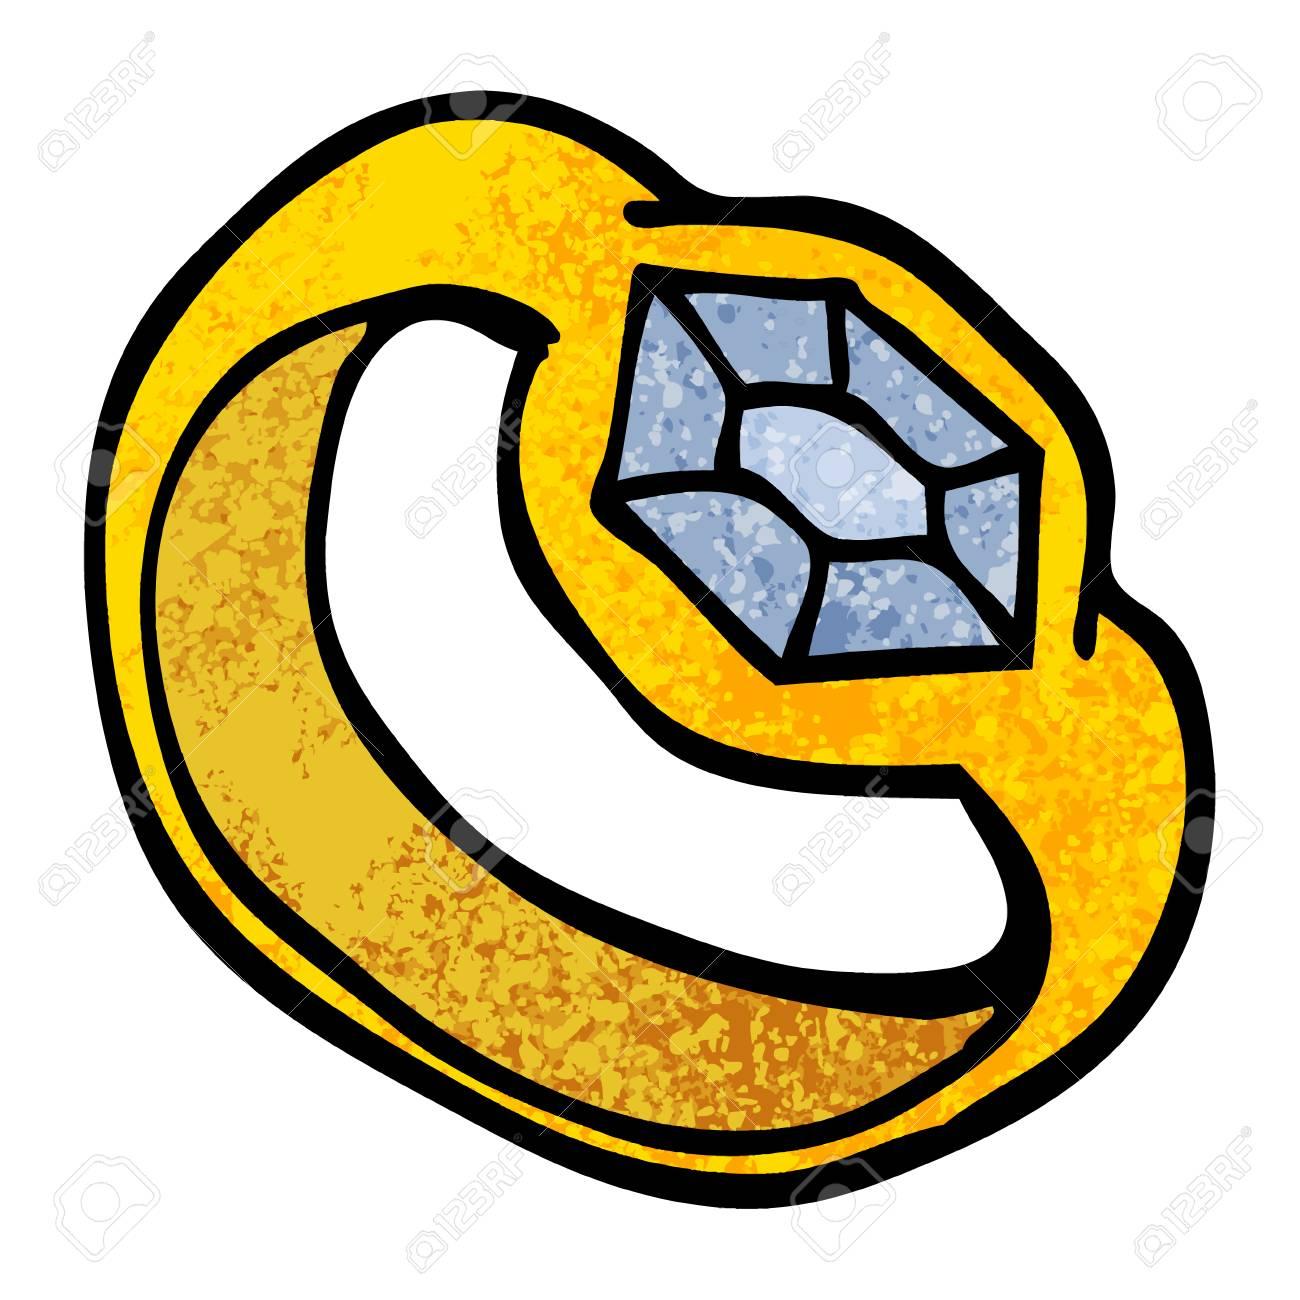 grunge textured illustration cartoon diamond ring - 110313809